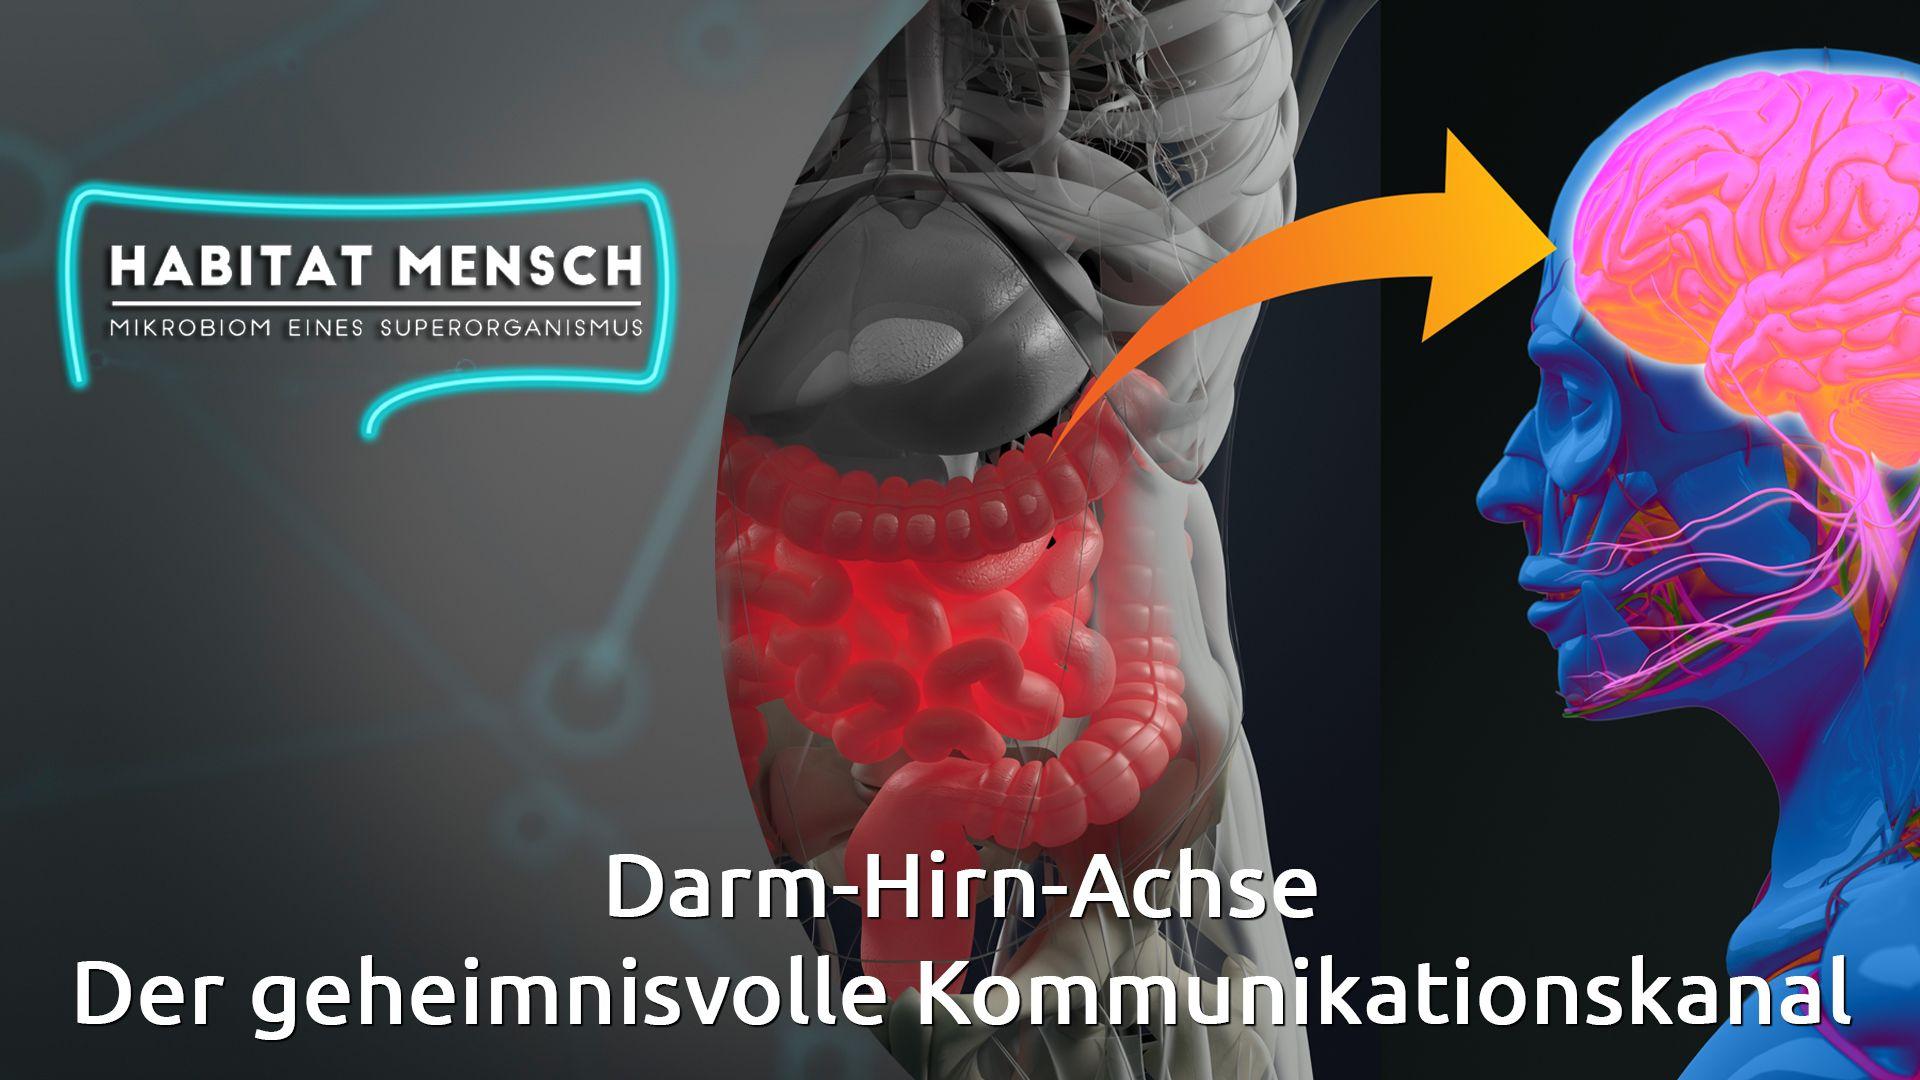 Darm-Hirn-Achse: Der geheimnisvolle Kommunikationskanal